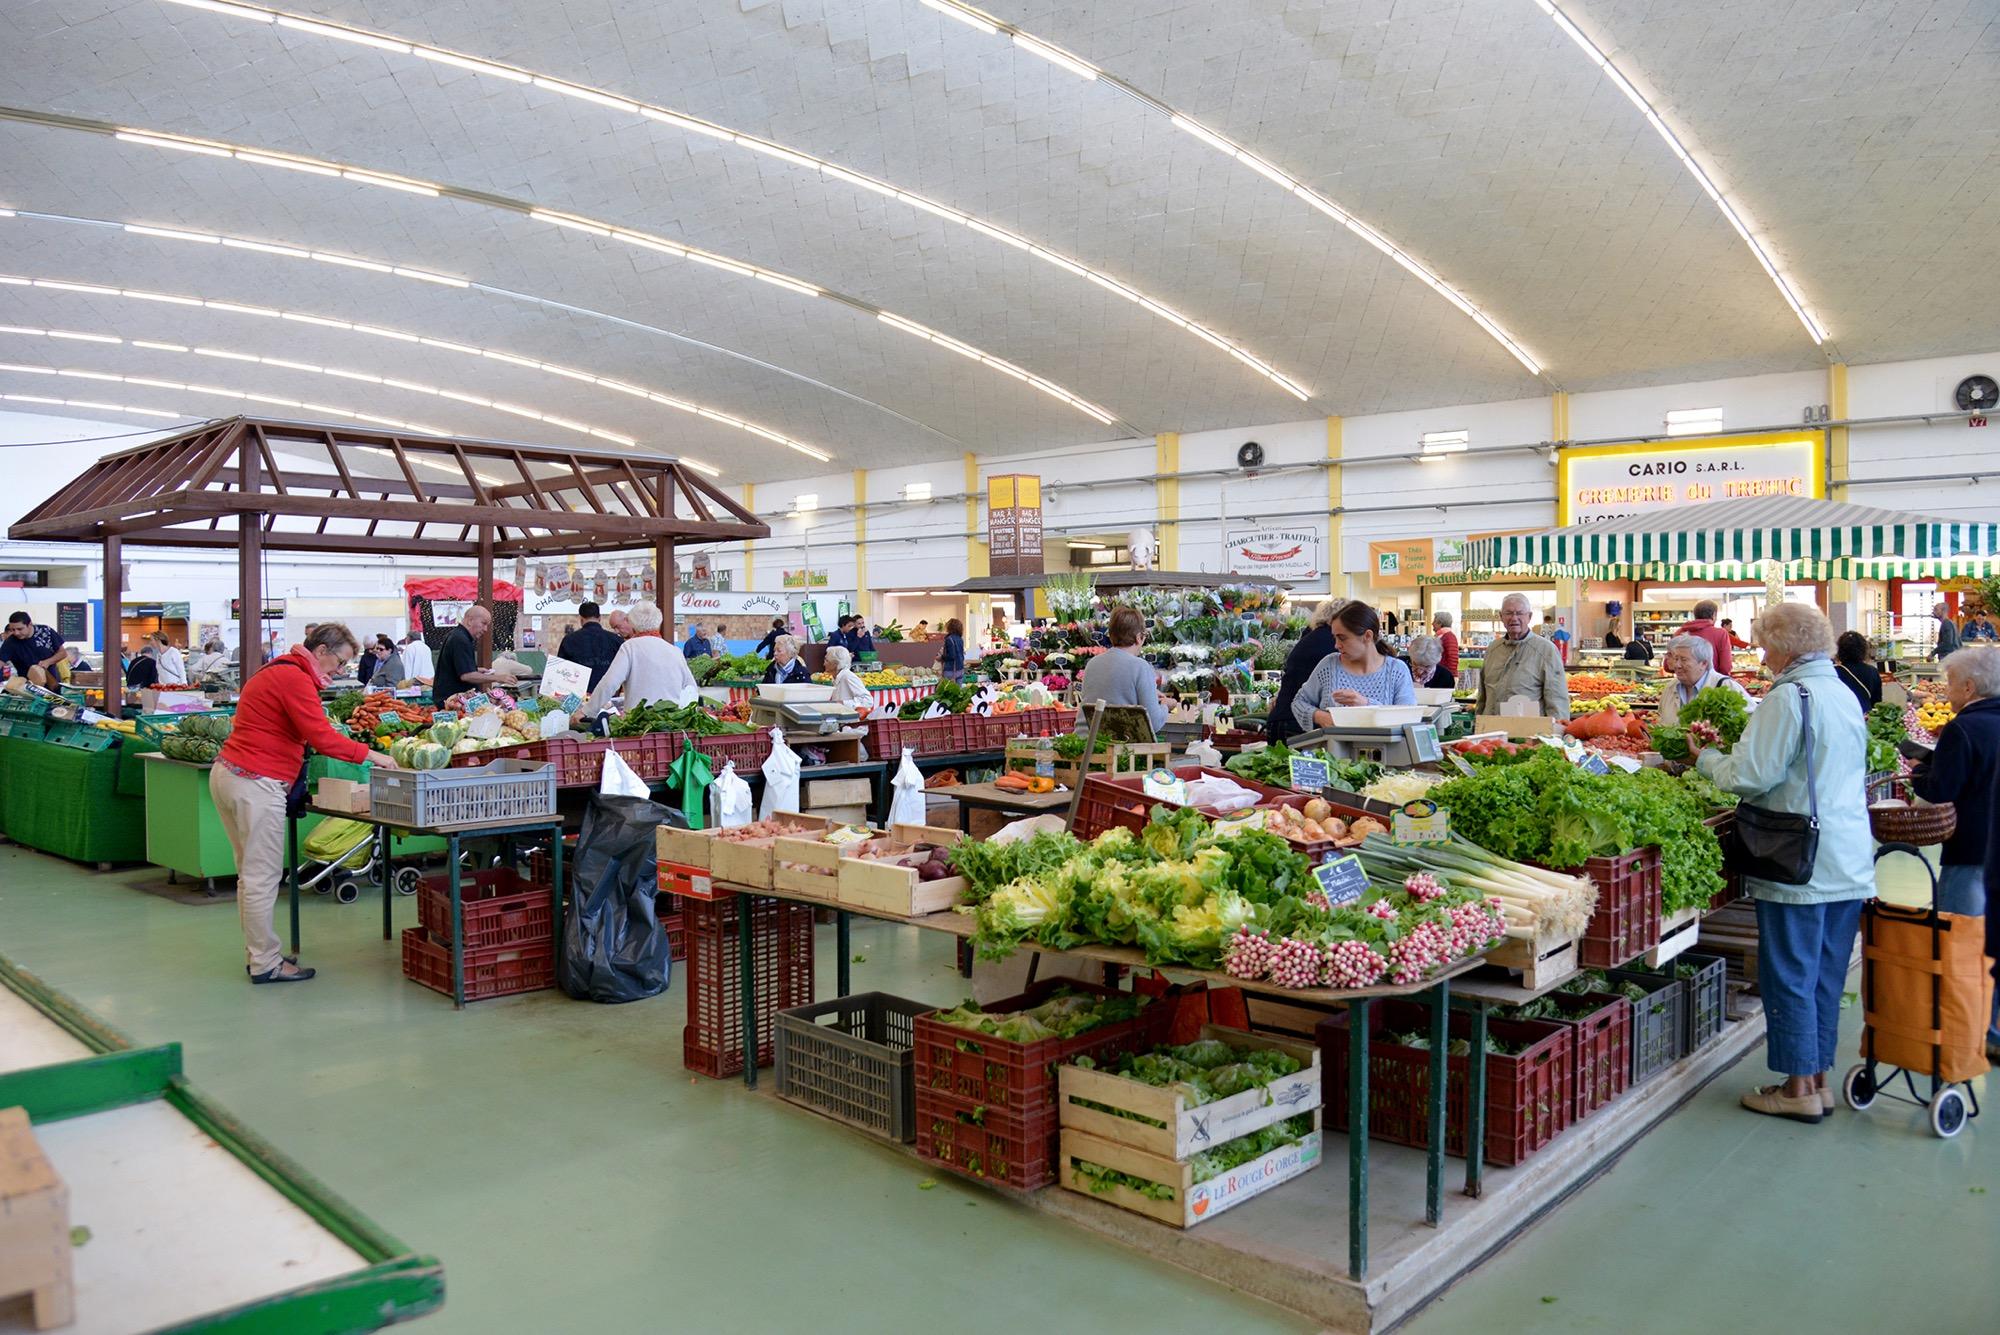 Dès 8 h, les acheteurs investissent les Halles centrales de Saint-Nazaire pour faire leur marché.